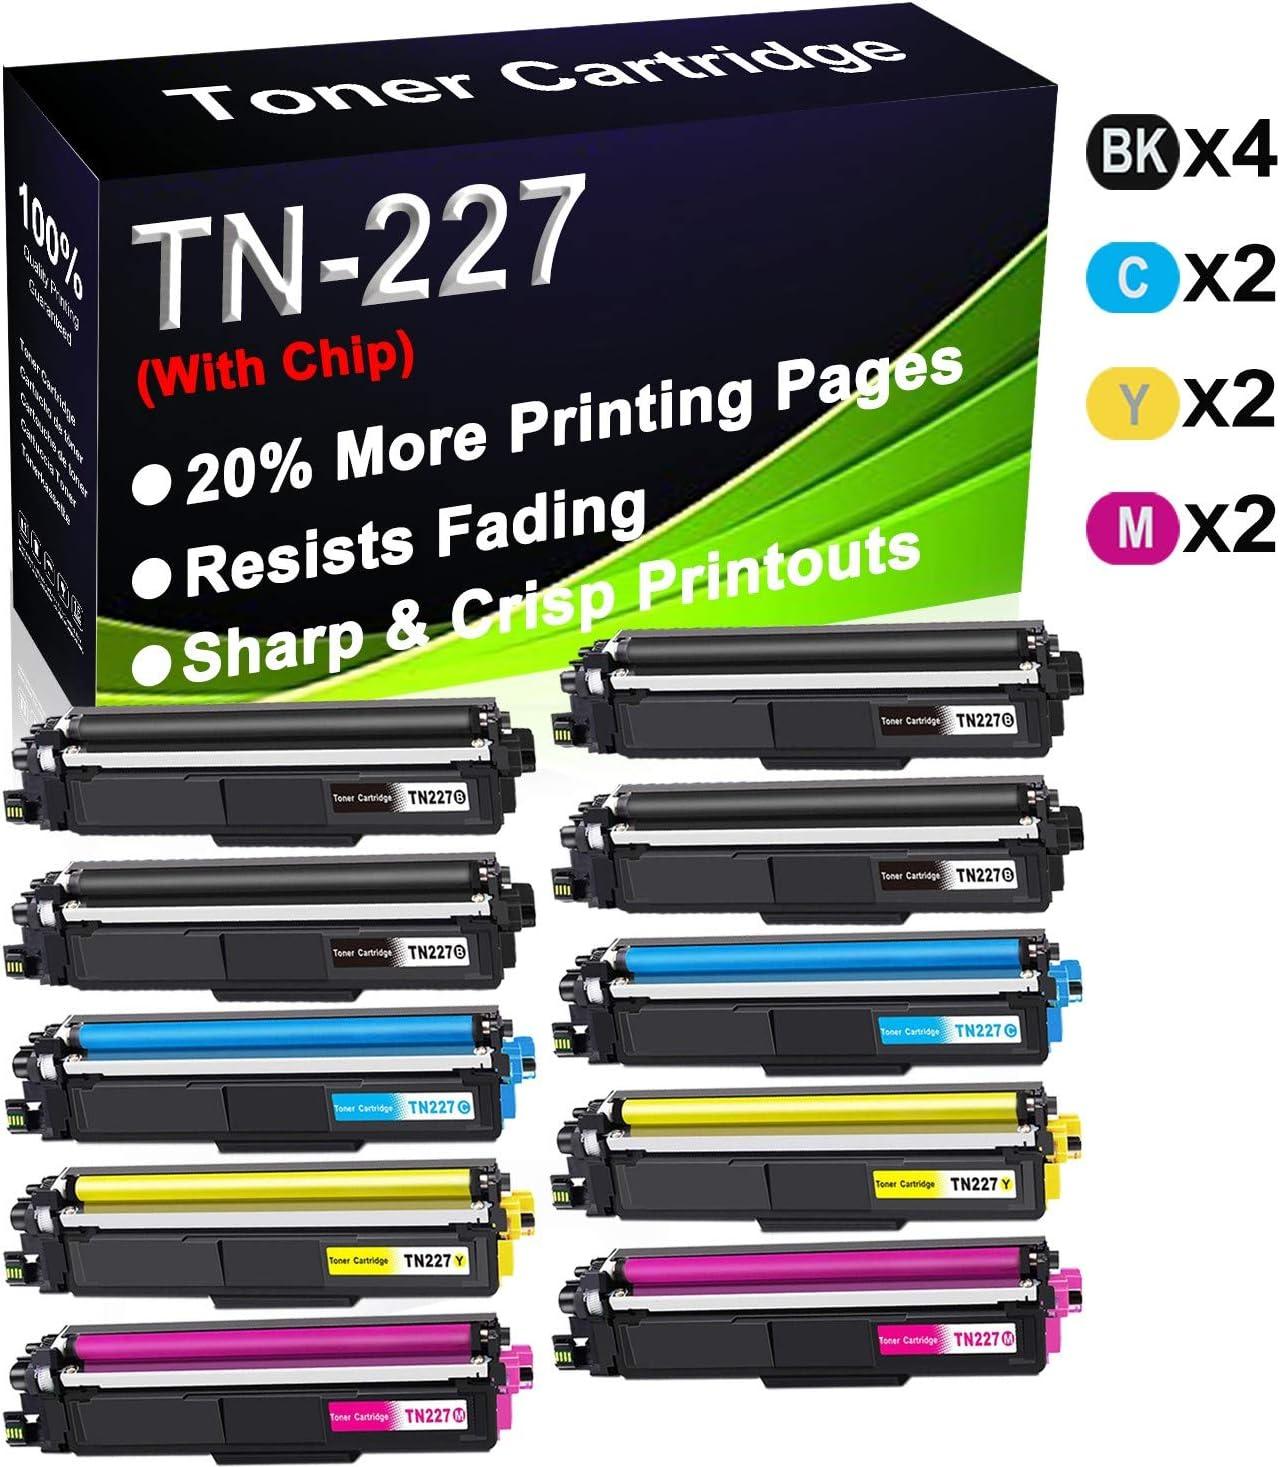 (Con chip) 10 unidades (4BK+2C+2Y+2M) compatibles con TN227 (TN-227BK TN-227C TN-227Y TN-227M) Cartucho de tóner para impresoras Brother HL-L3210CW HL-L3230CDN HL-L3230CDW HL-L3230CDW